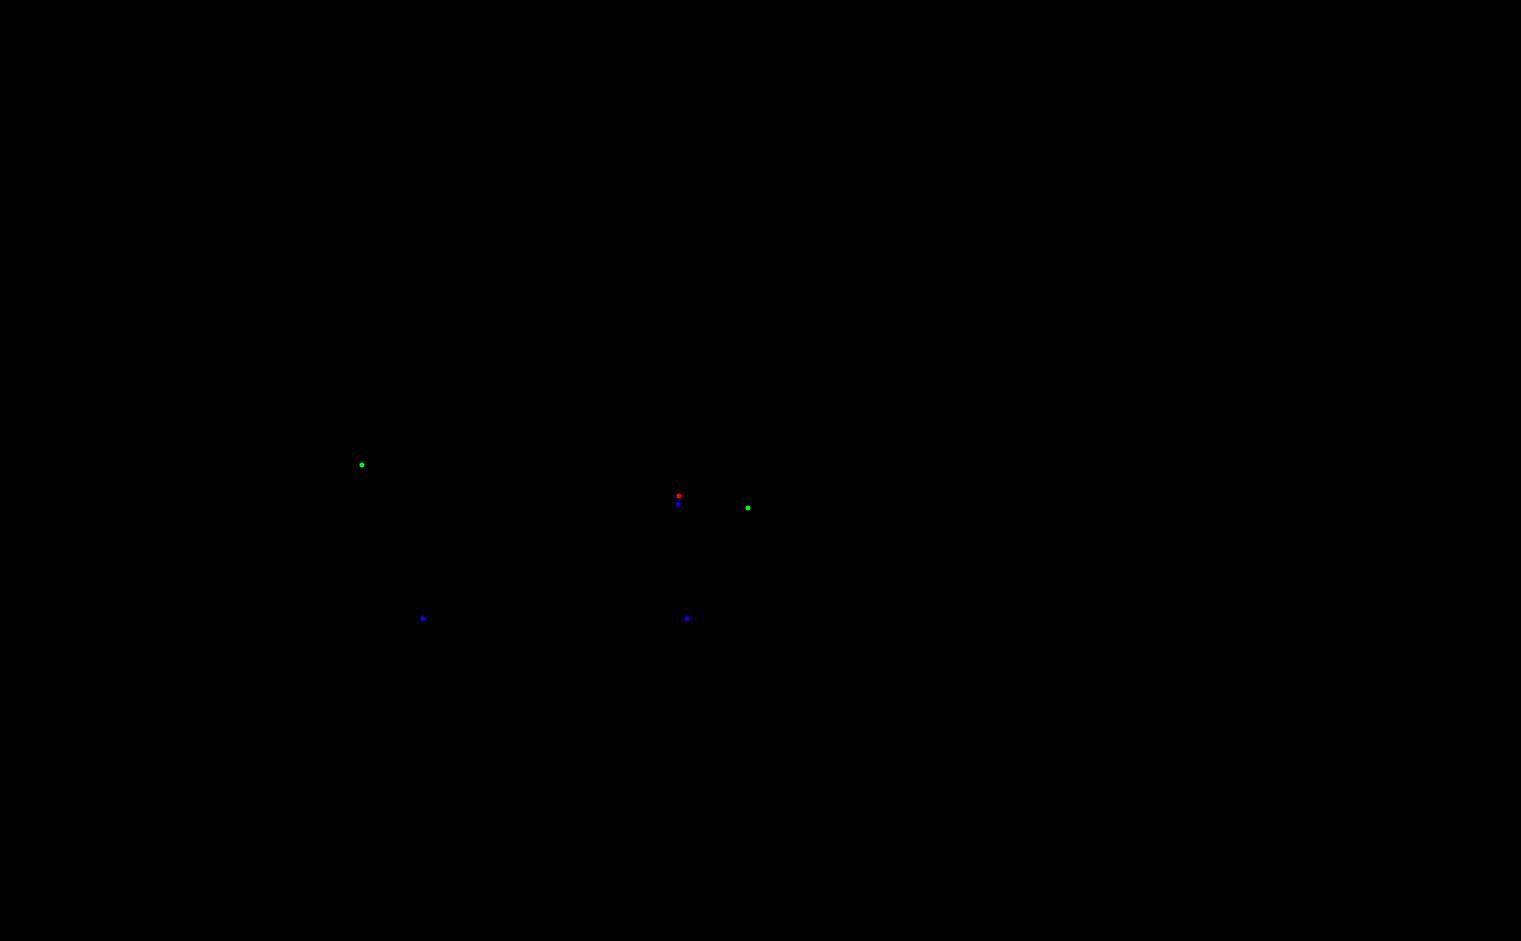 4.3 Symetry